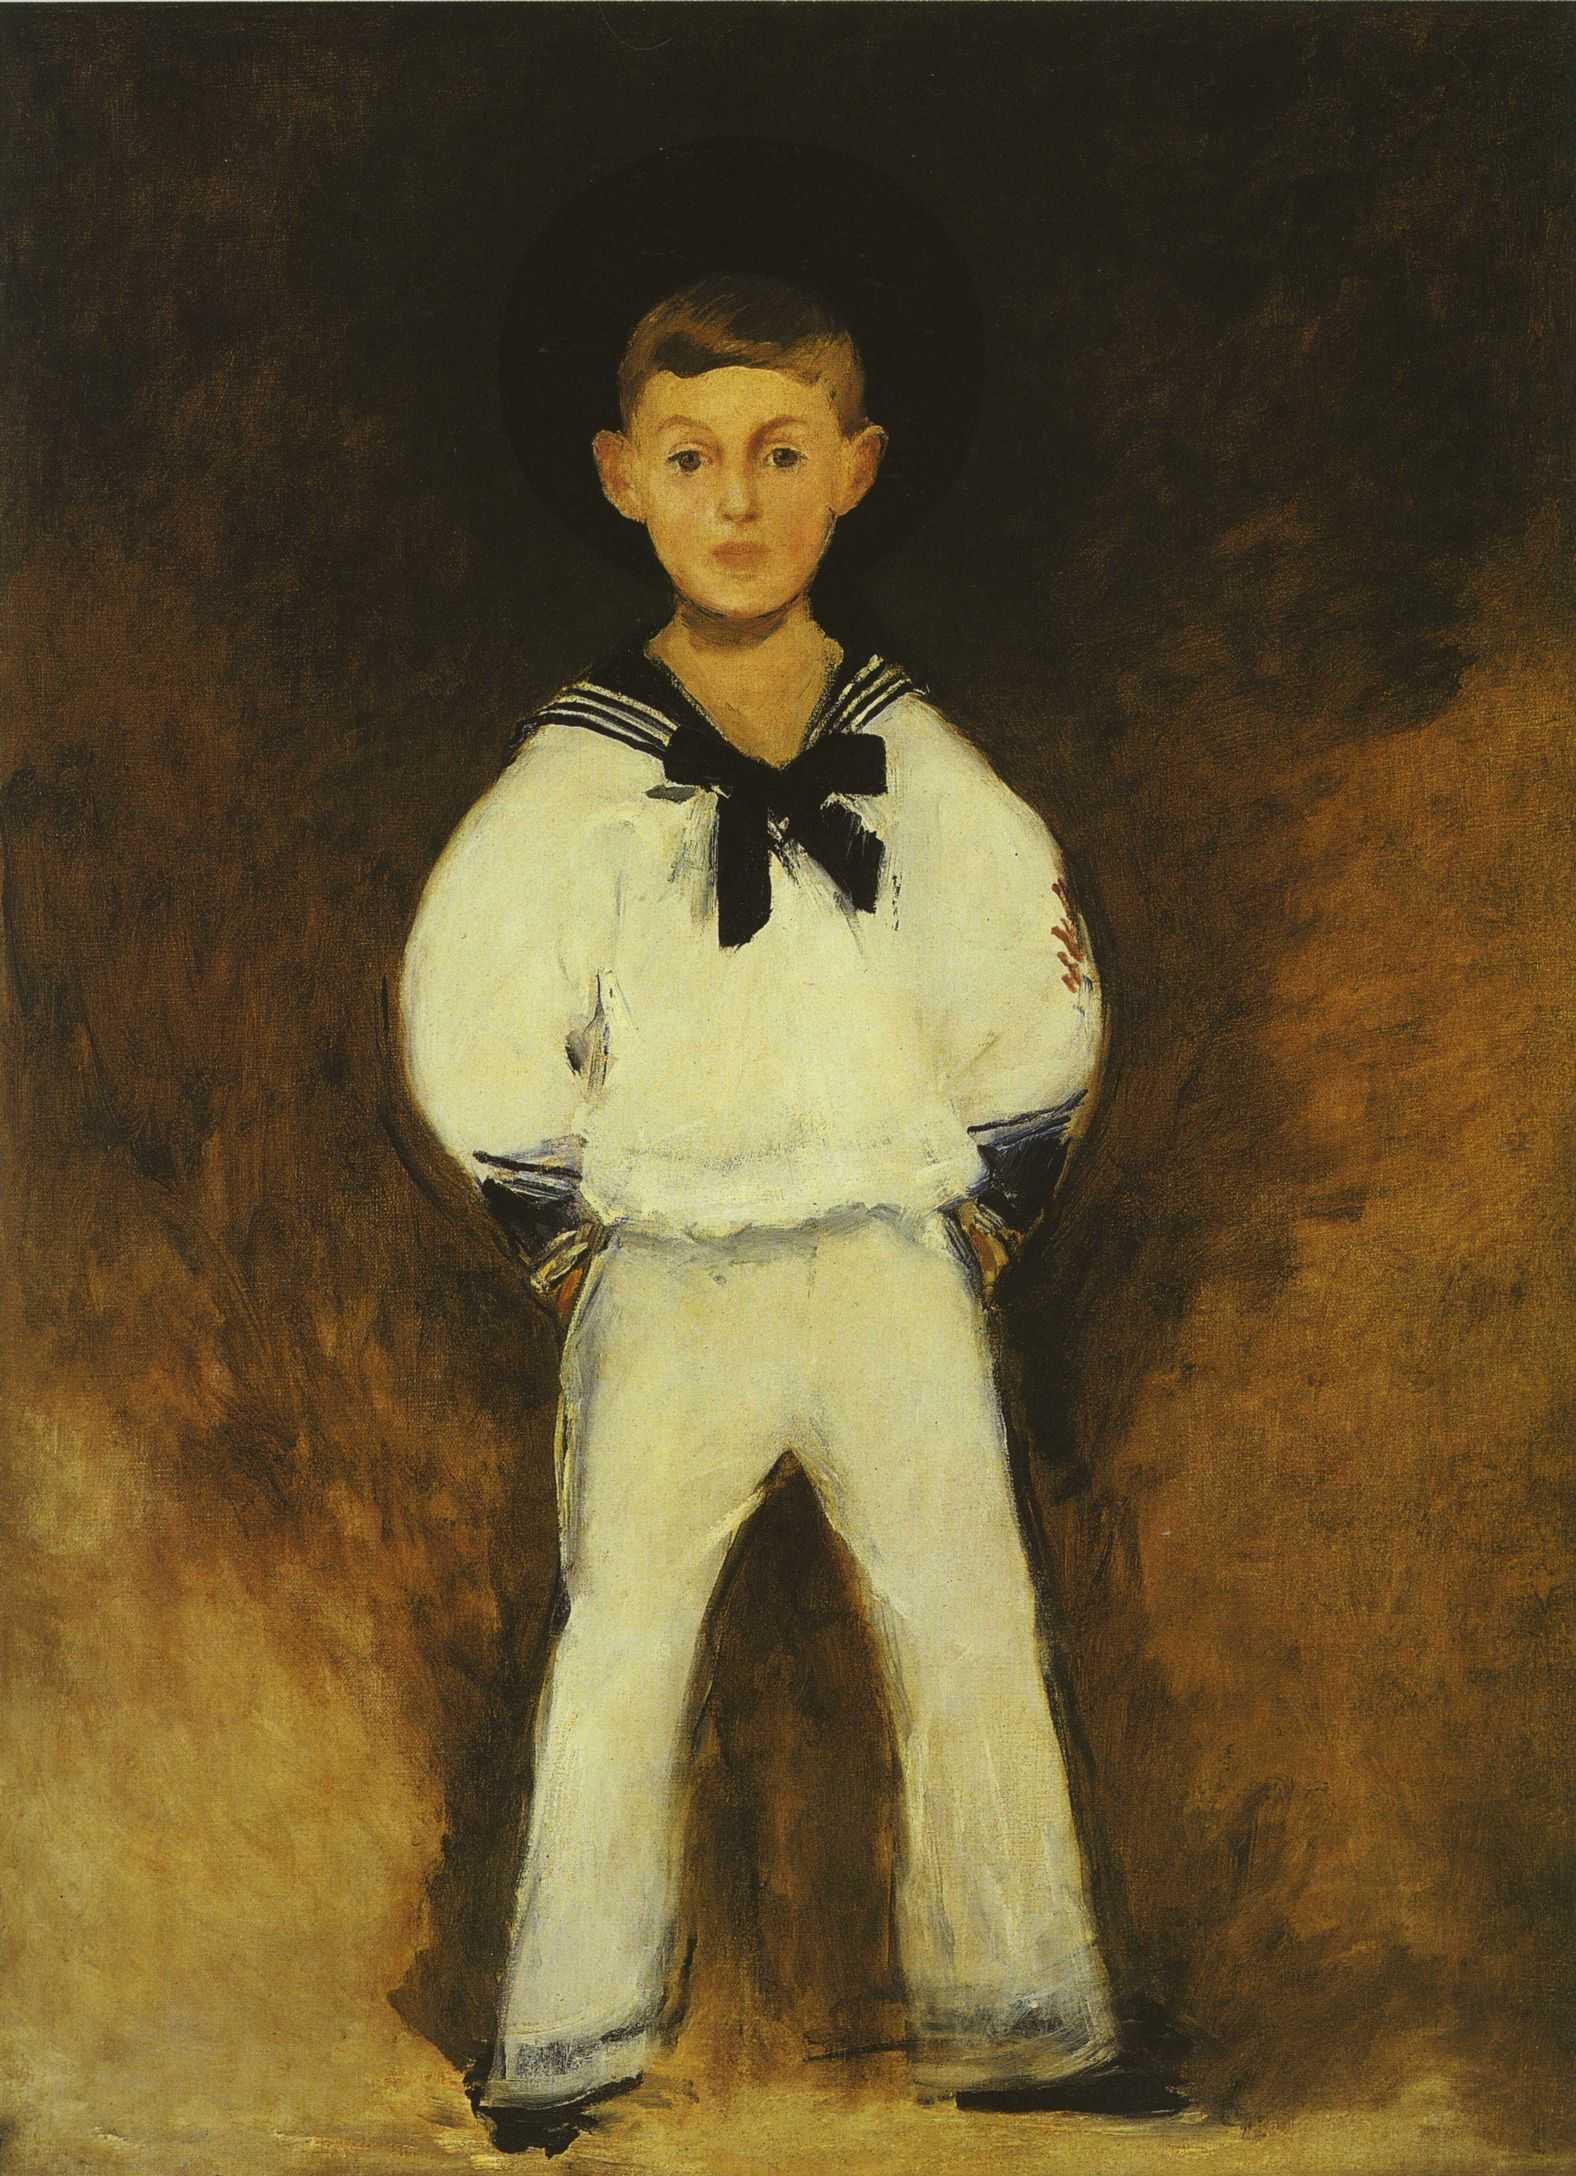 Édouard_Manet_-_Henry_Bernstein_as_a_child.jpg